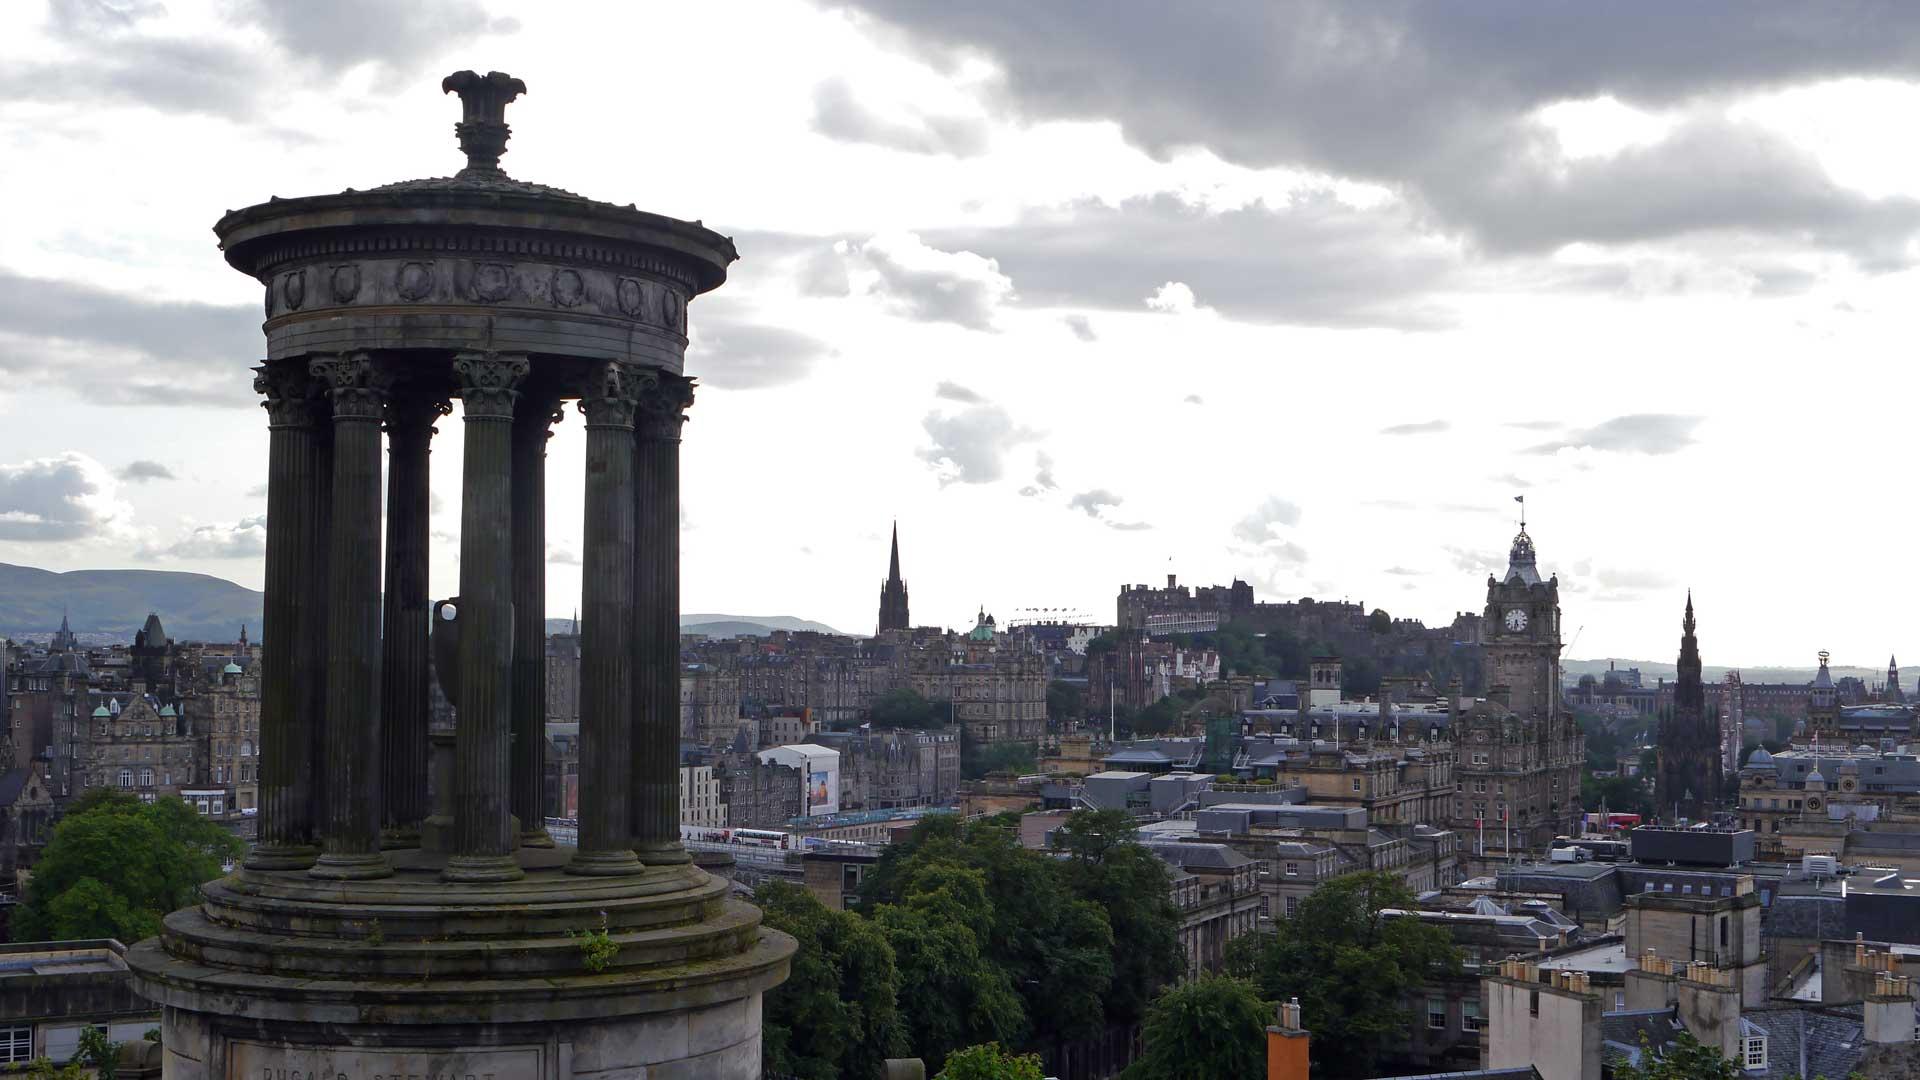 Im Sommer hat Kultur Hochsaison in Edinburgh. (Foto: Sommerdiebe.de)